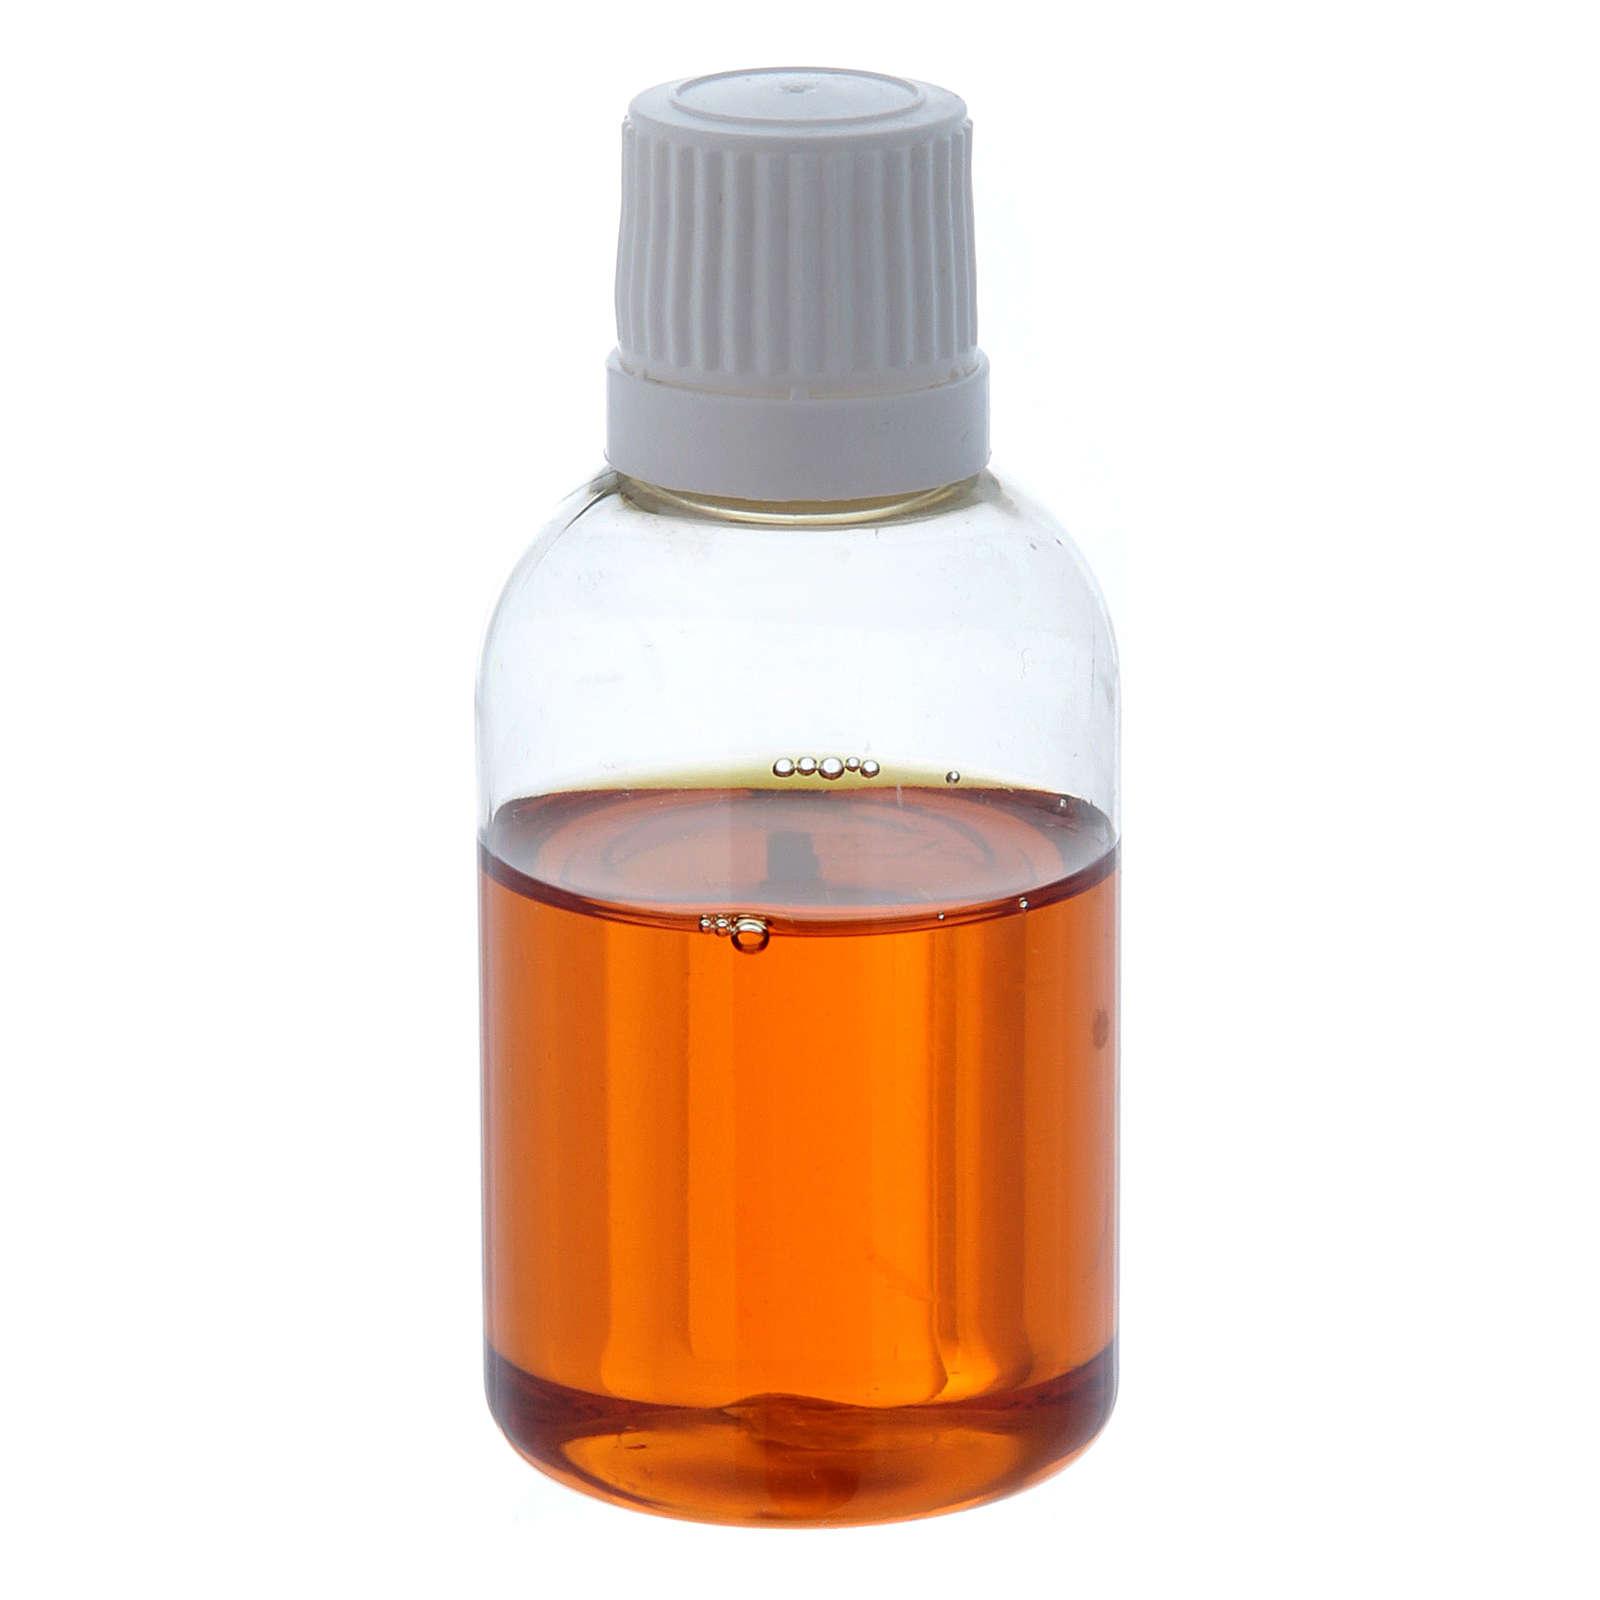 Huile parfumée de cannelier 35 ml 3